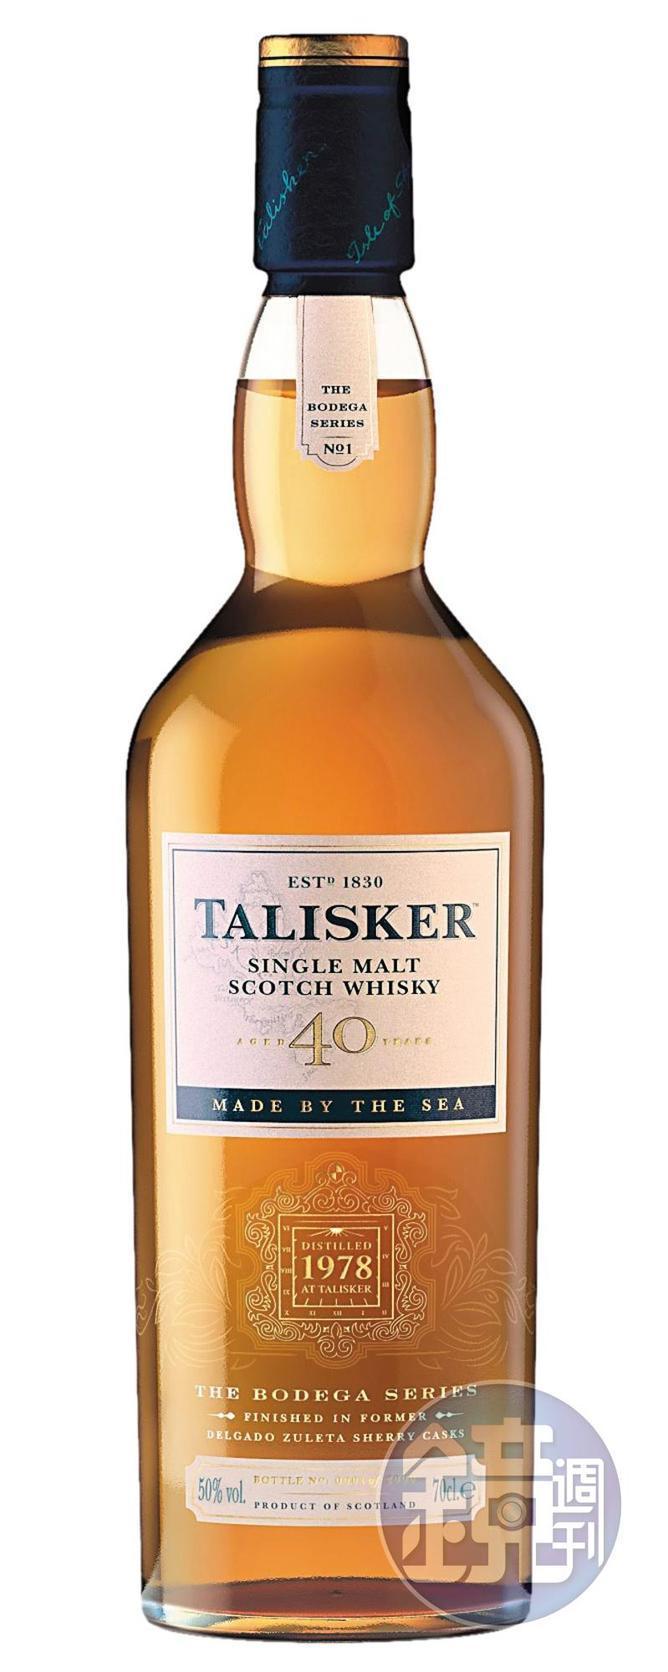 「源自海洋的烈酒之王」泰斯卡,10月4日選在Diageo Malt Society,推出酒廠有史以來的最高年分40年,售價10萬元。